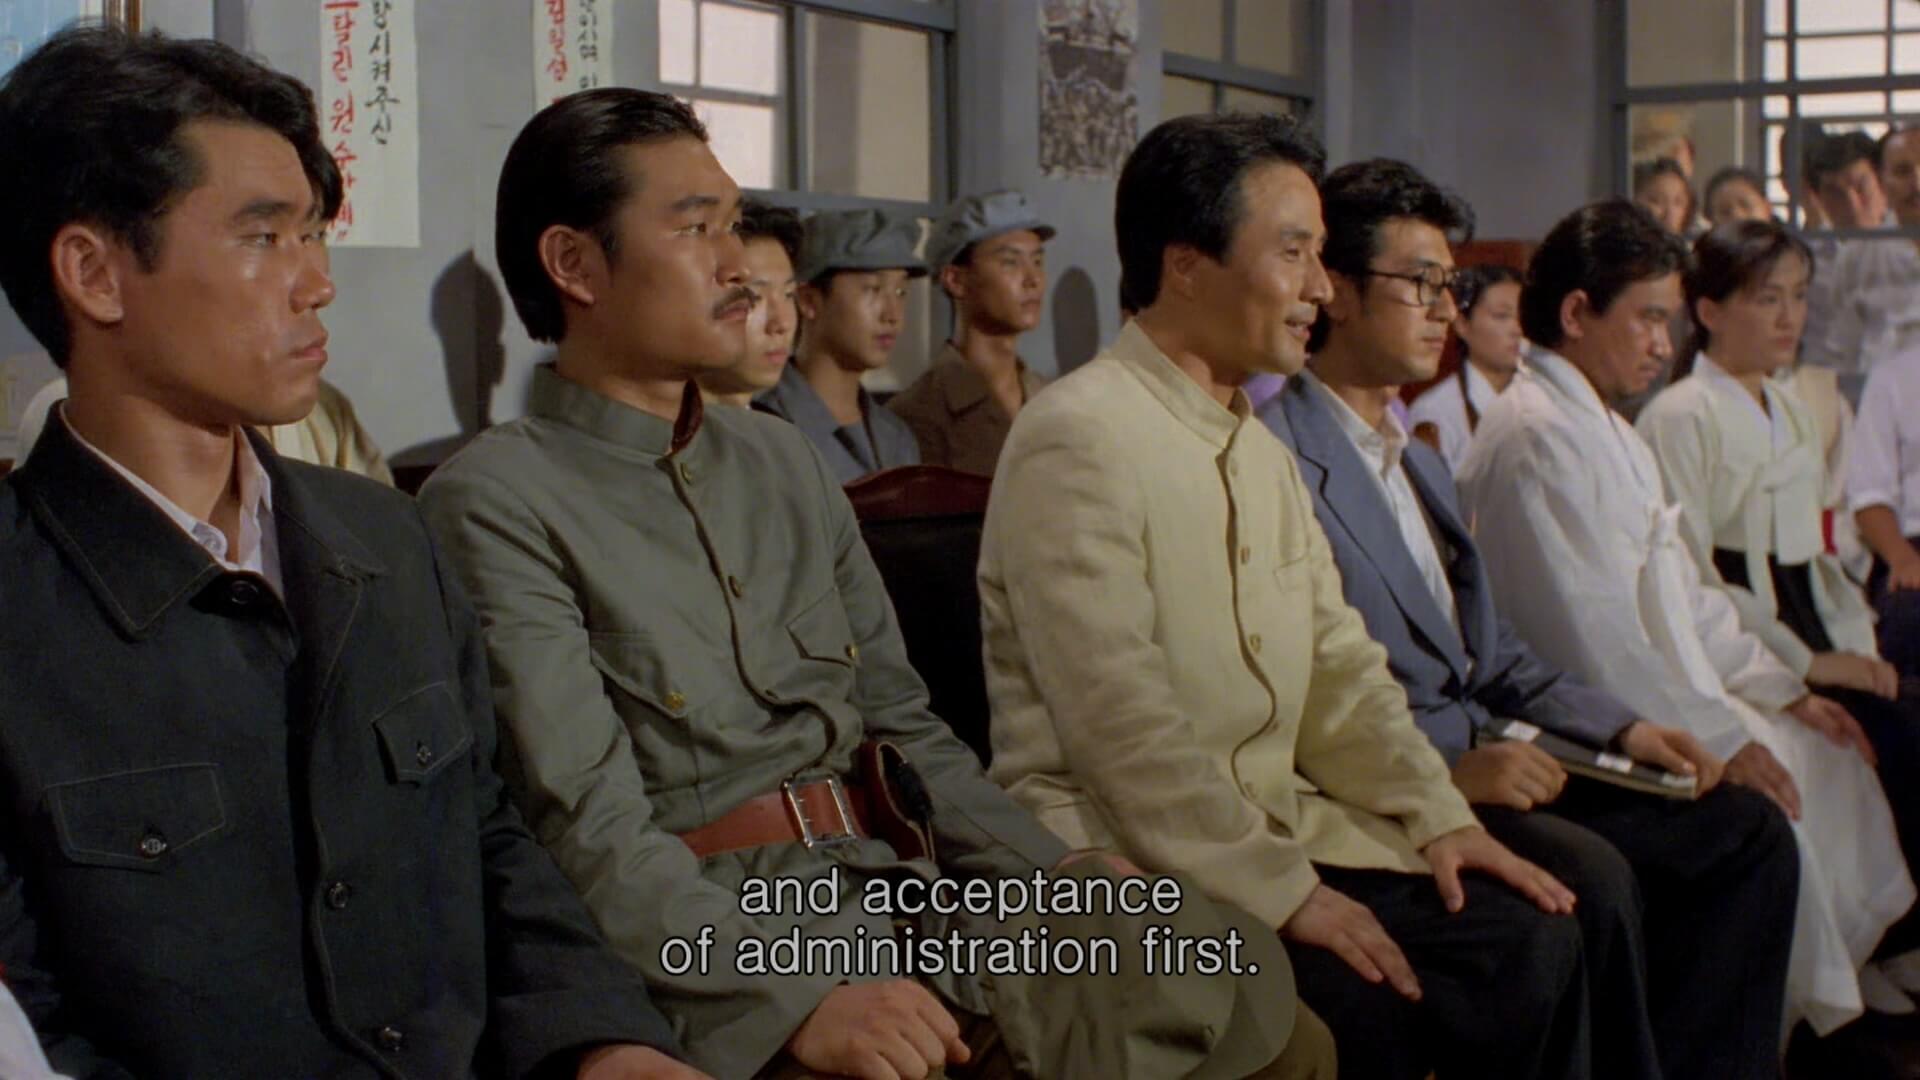 The-Taebaek-Mountains-1994-1080p-Blu-ray-AVC-DTS-HD-MA-2-0-ARi-N-20190412-153937-520